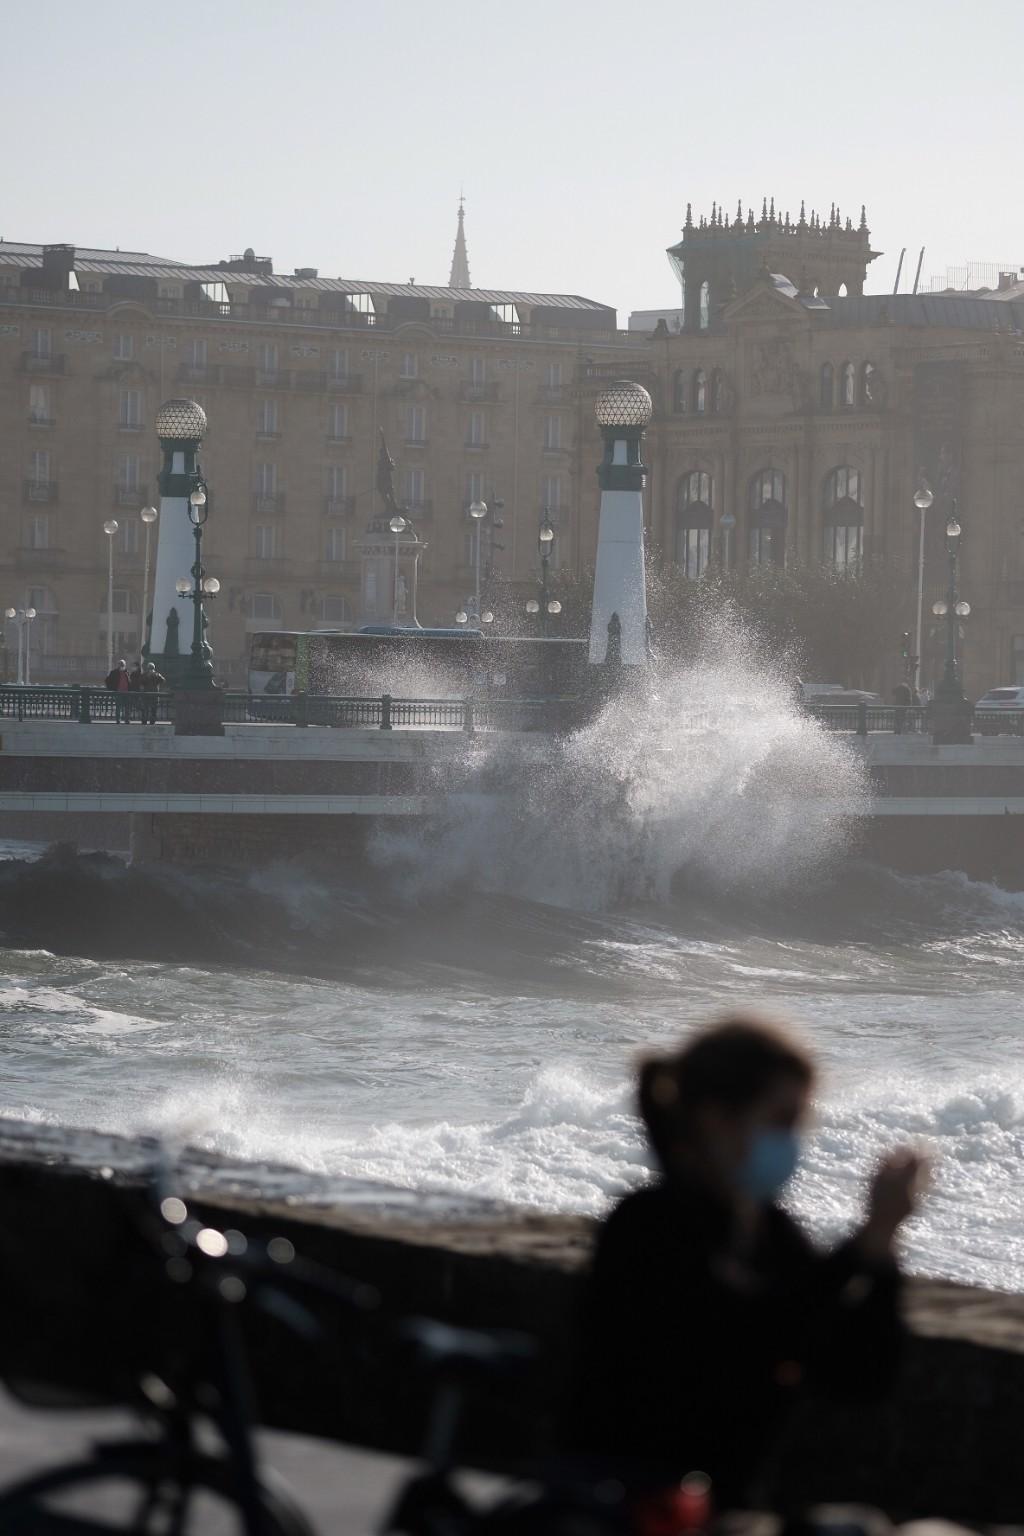 2020 1029 15234200 copy 1024x1536 - El temporal de mar se despide sin desperfectos y con bonitas estampas